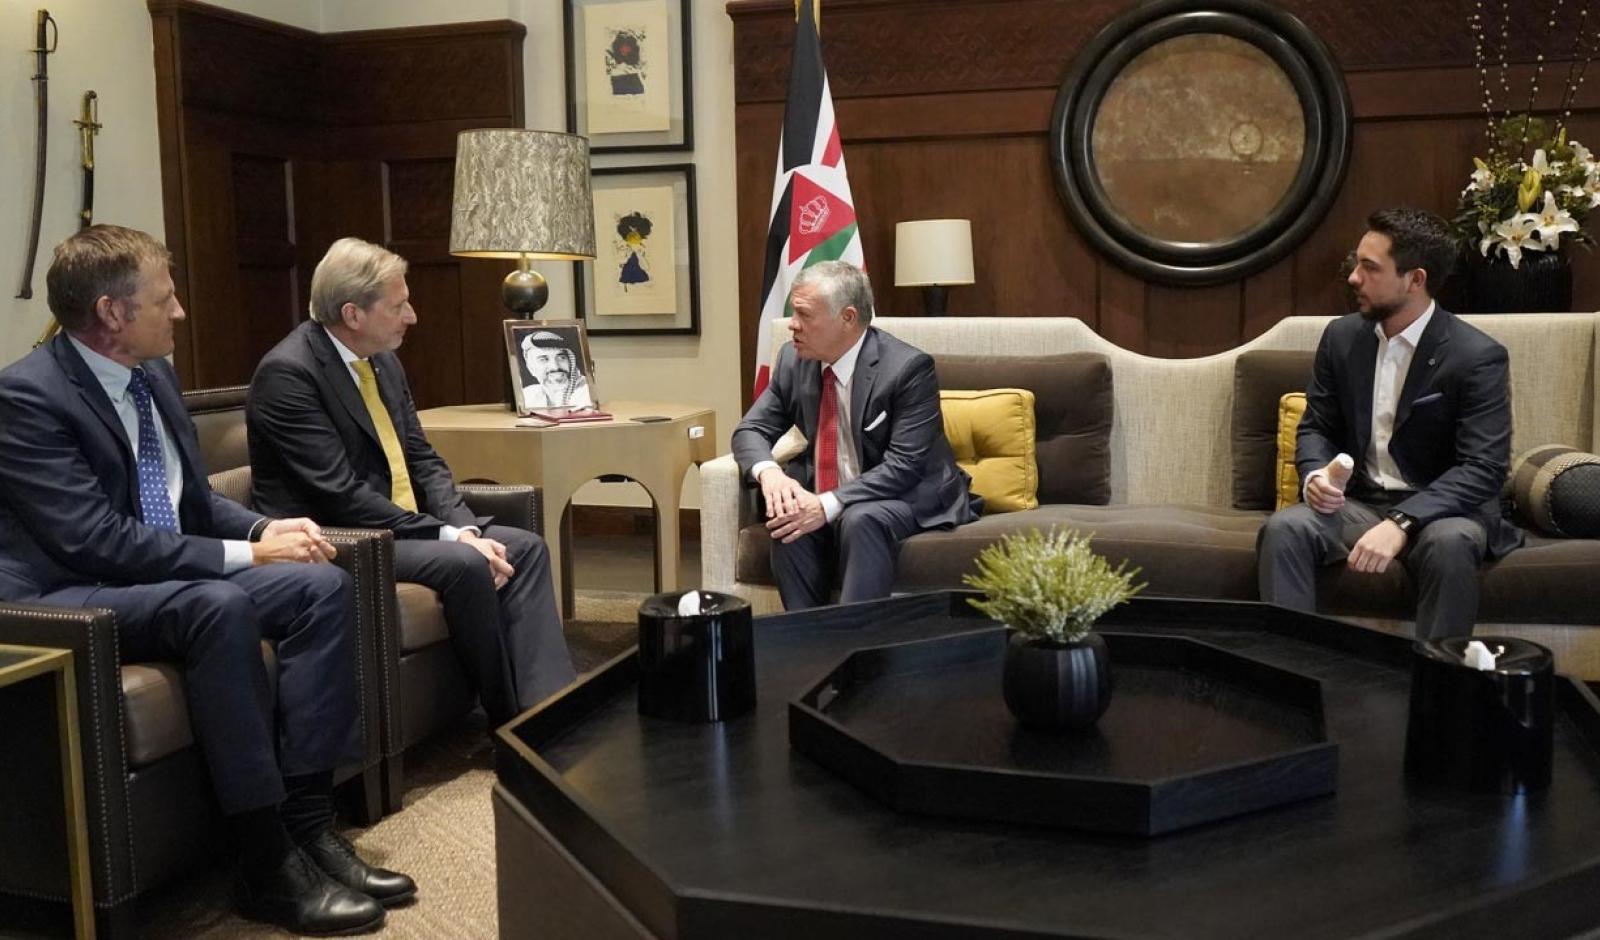 الملك يلتقي مفوض سياسة الجوار الأوروبية ومفاوضات التوسع في الاتحاد الأوروبي